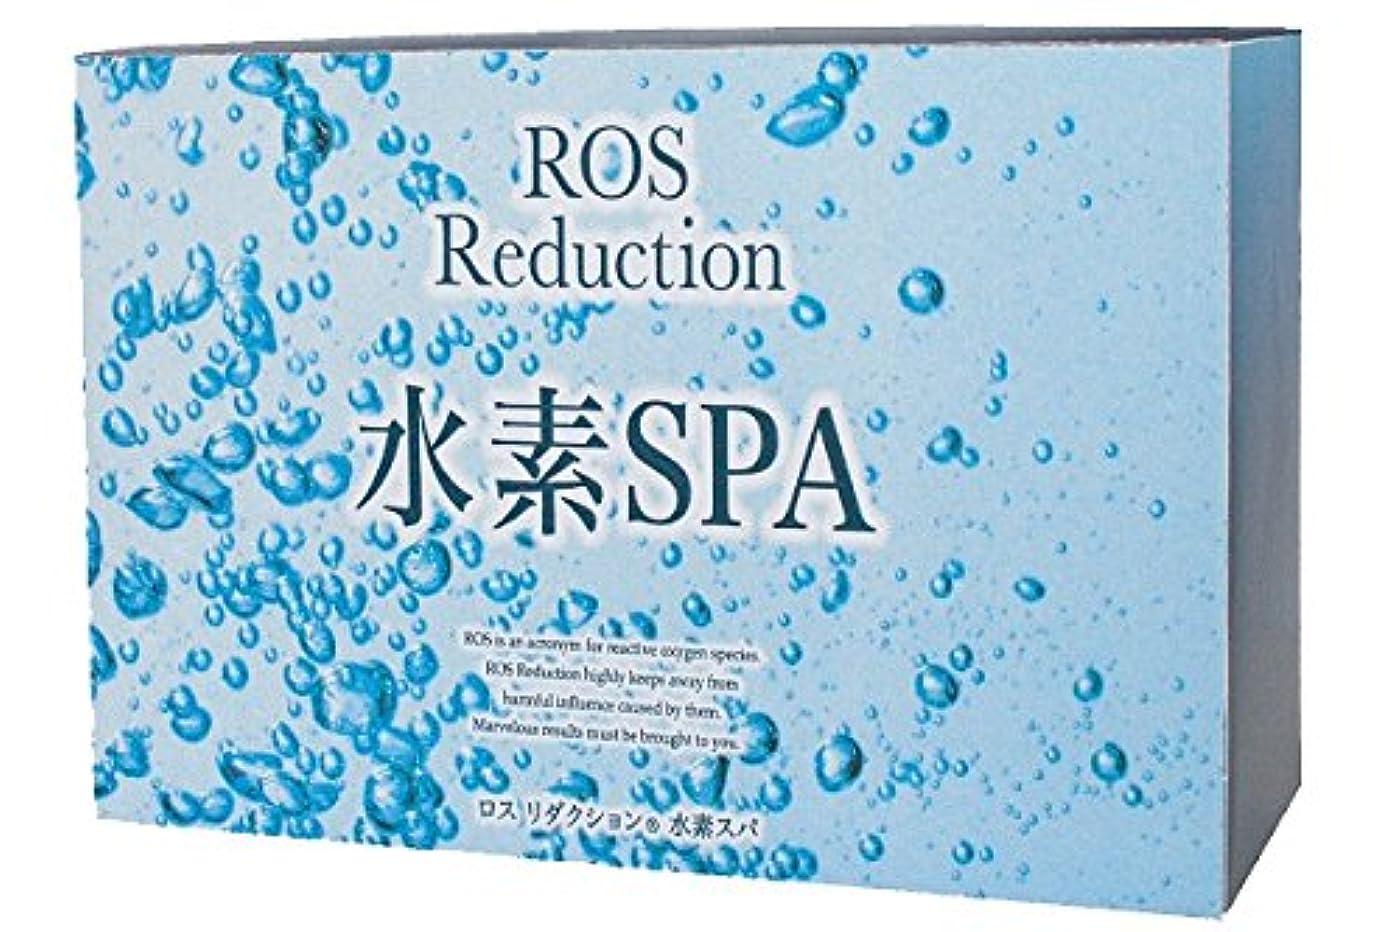 突然分類する堀お得な6箱セット トップクラスの高濃度水素入浴剤 ロスリダクション 水素SPA (50g×5包)